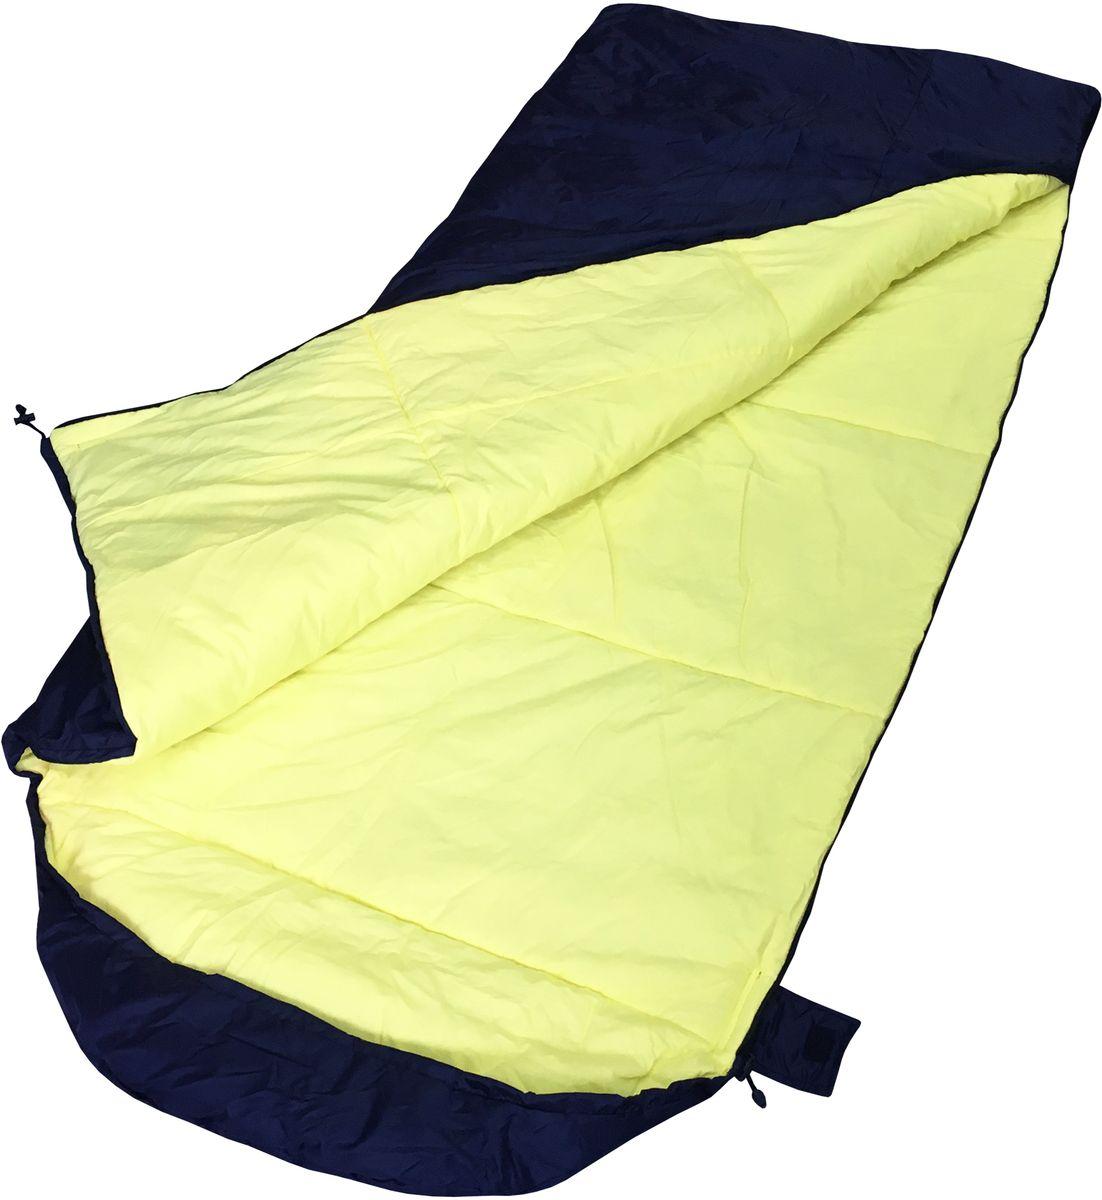 Спальный мешок Campland  Lammin 250 , правосторонняя молния, 90 х 220 см - Спальные мешки